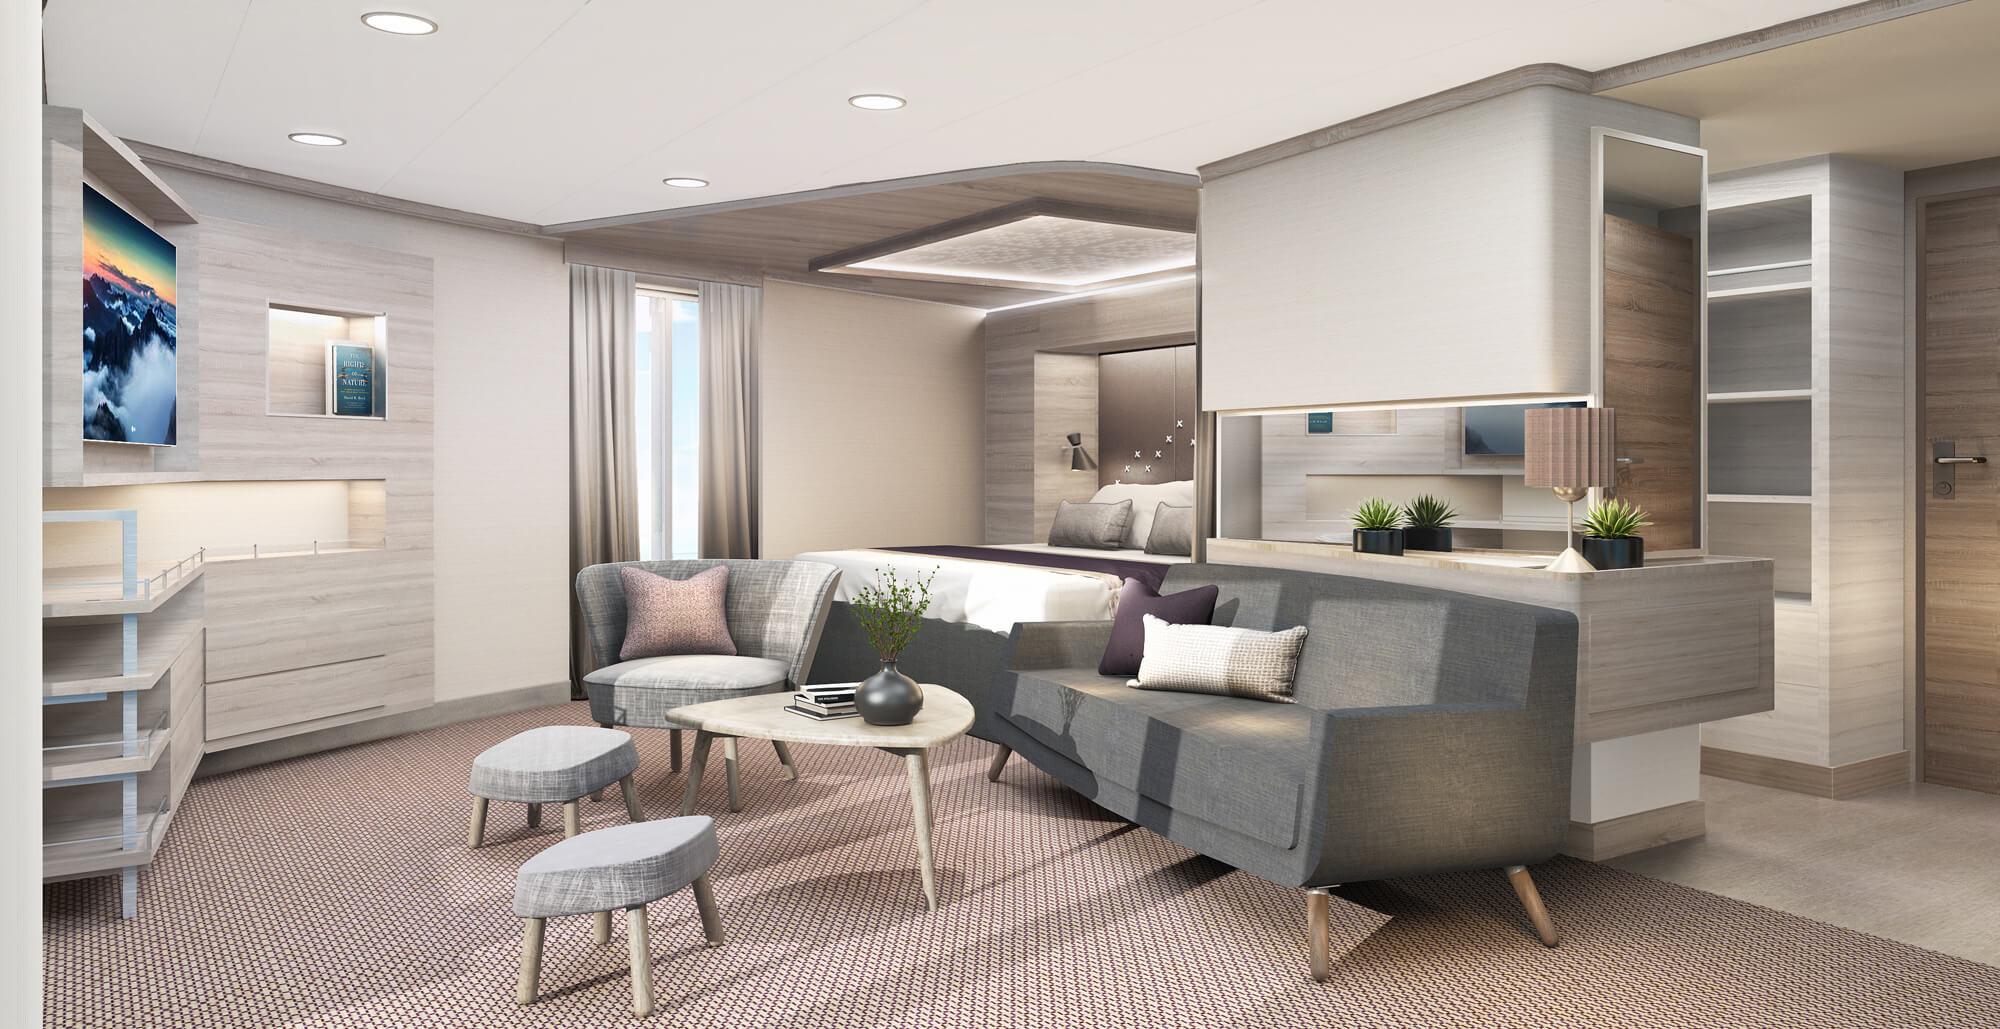 Eck-Suite mit privatem Balkon